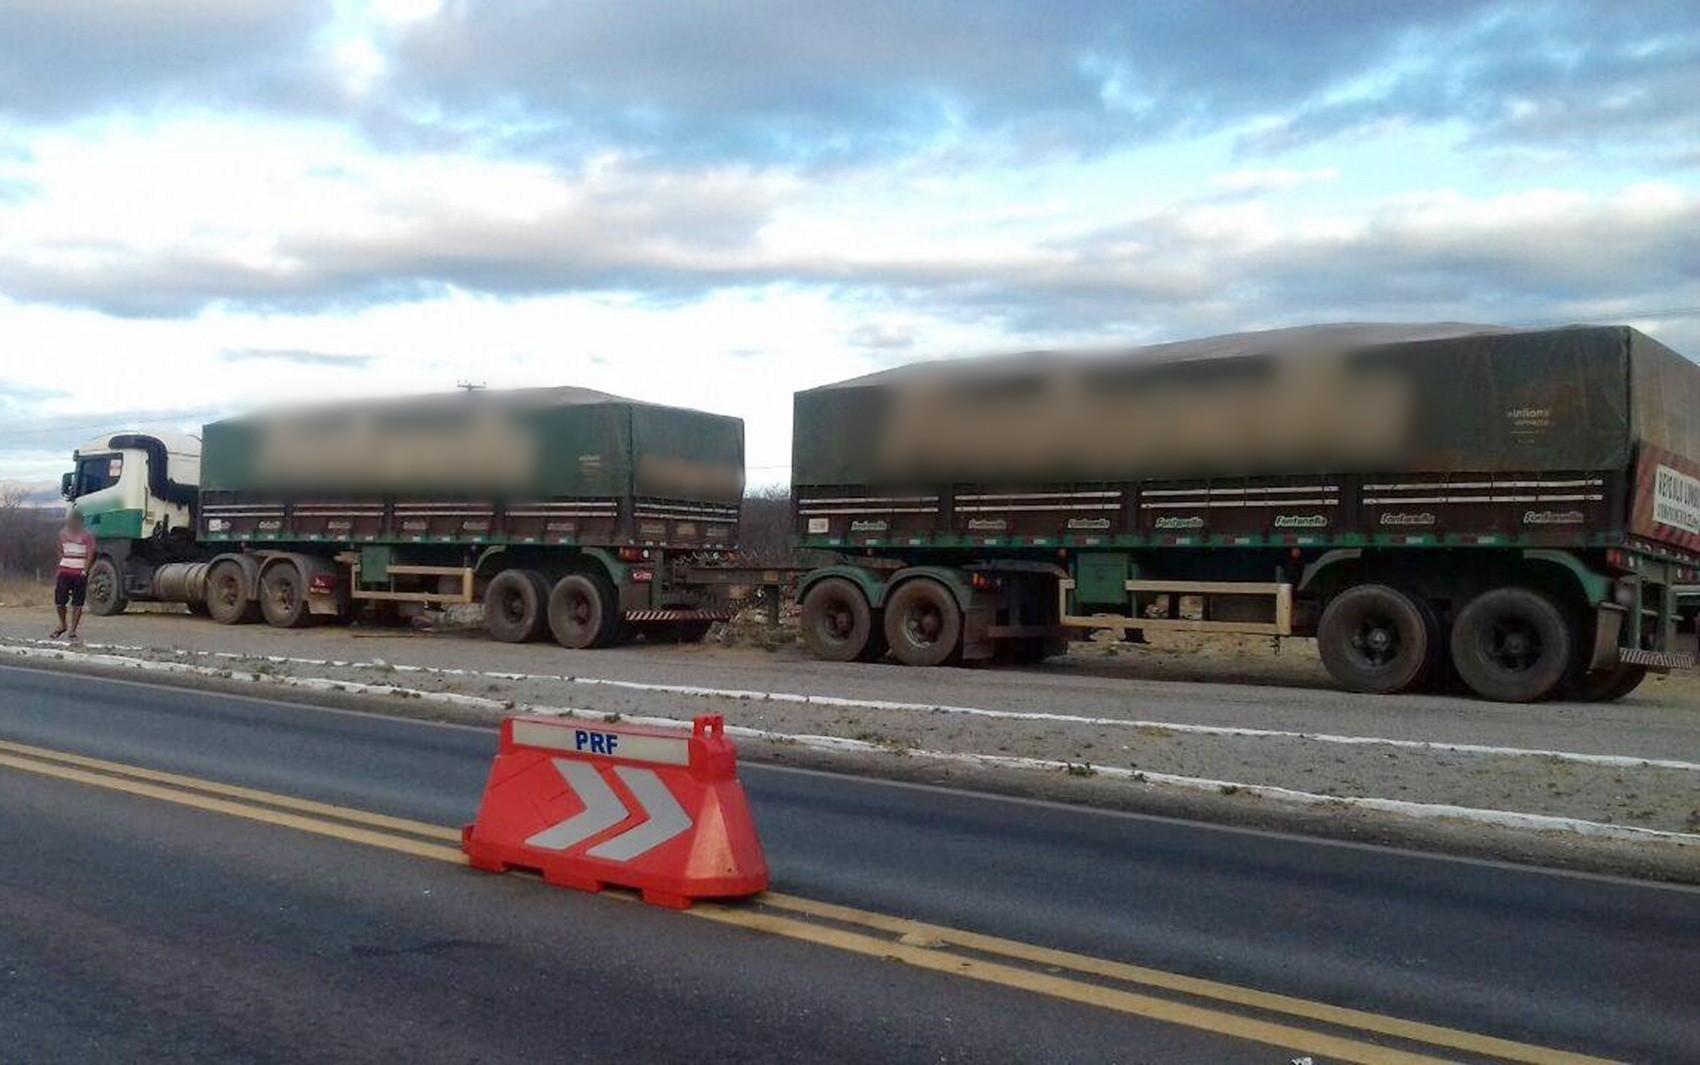 Caminhão ficou recolhido pela PRF após motoristas ser flagrado no teste do etilômetro na BR-230 (Foto: Reprodução/facebook.com/PRF-Paraíba)